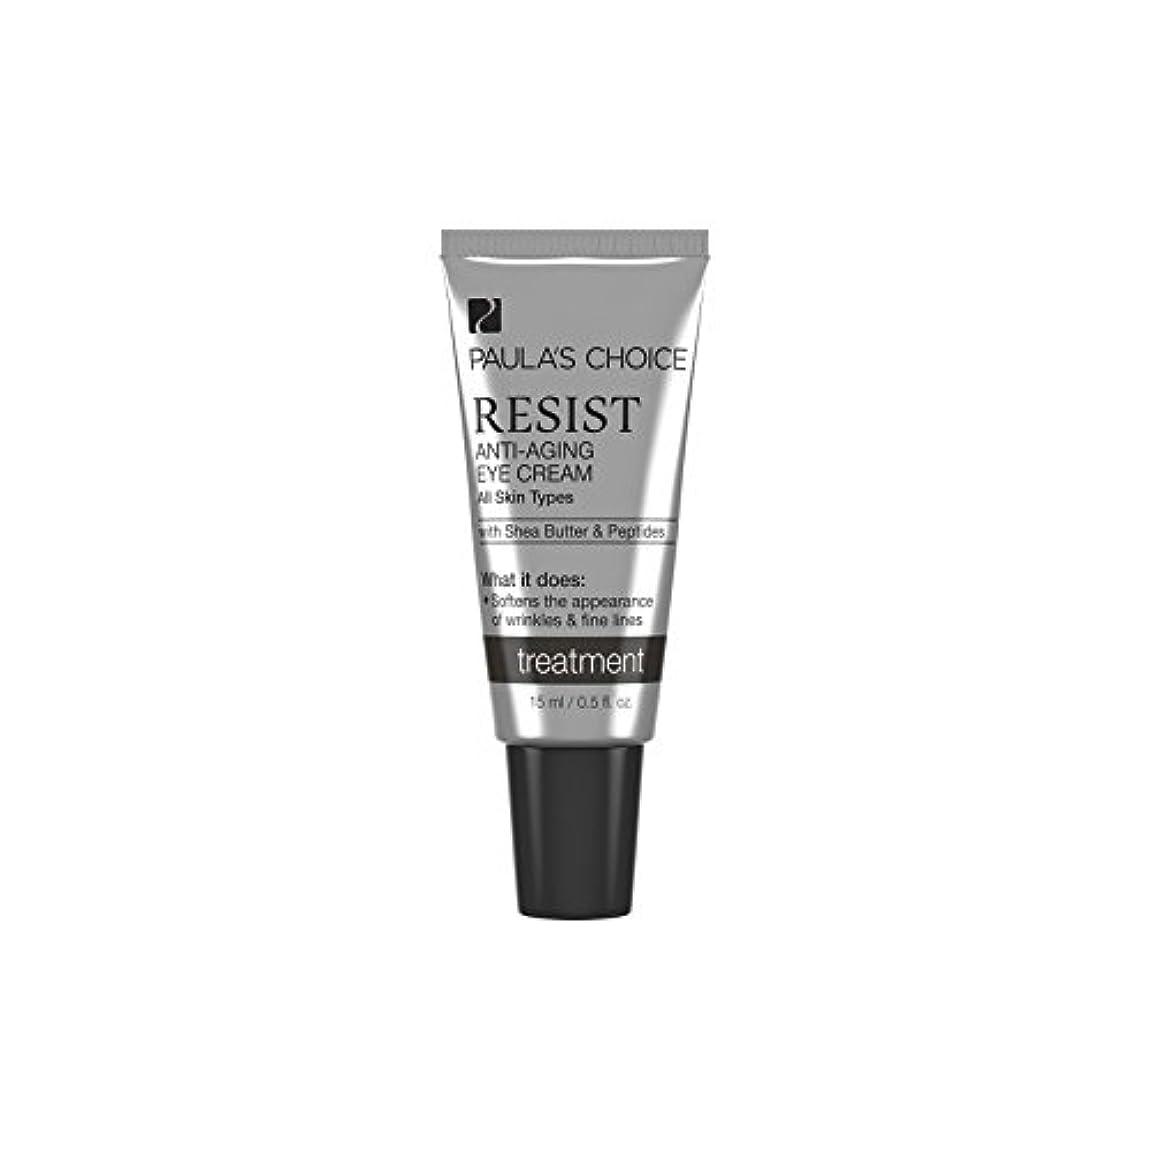 消費確認する免疫するPaula's Choice Resist Eye Cream - ポーラチョイスは、アイクリームを抵抗します [並行輸入品]